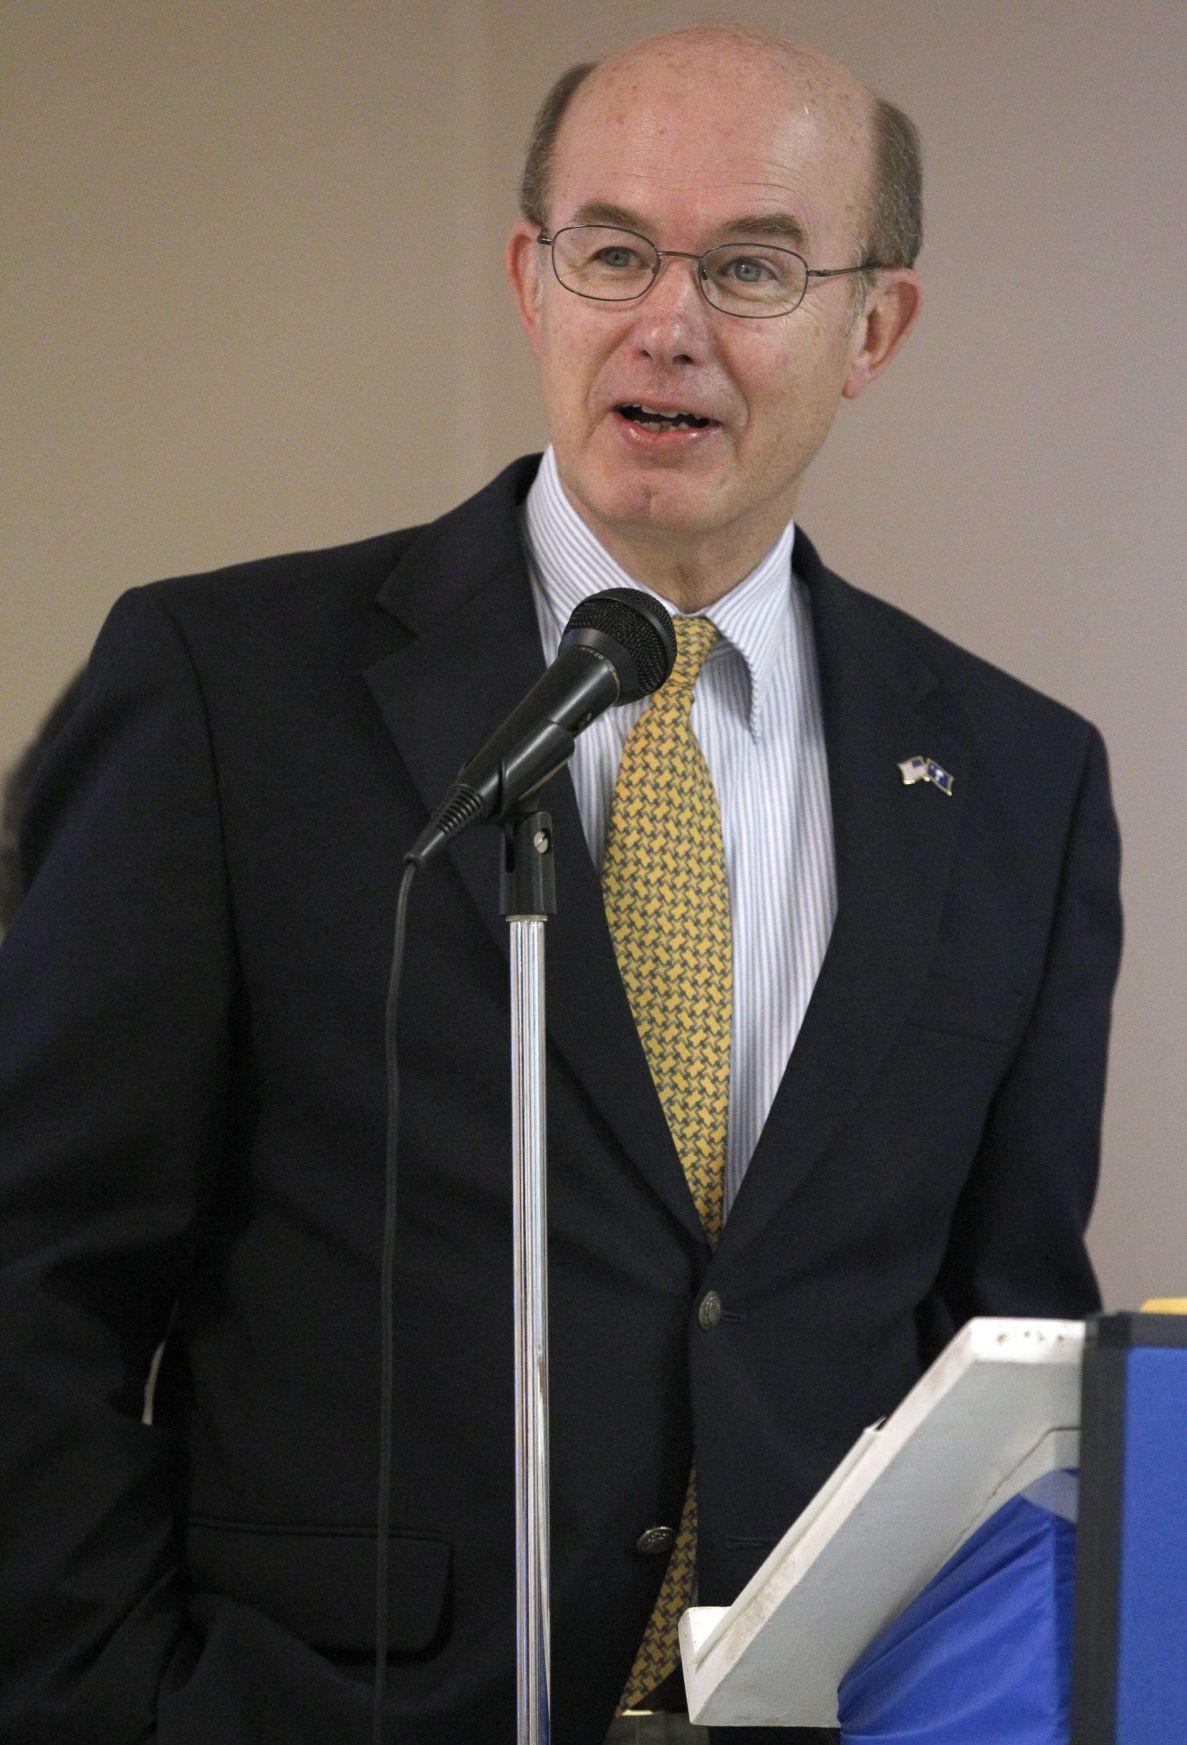 Sen. Martin's gracious example